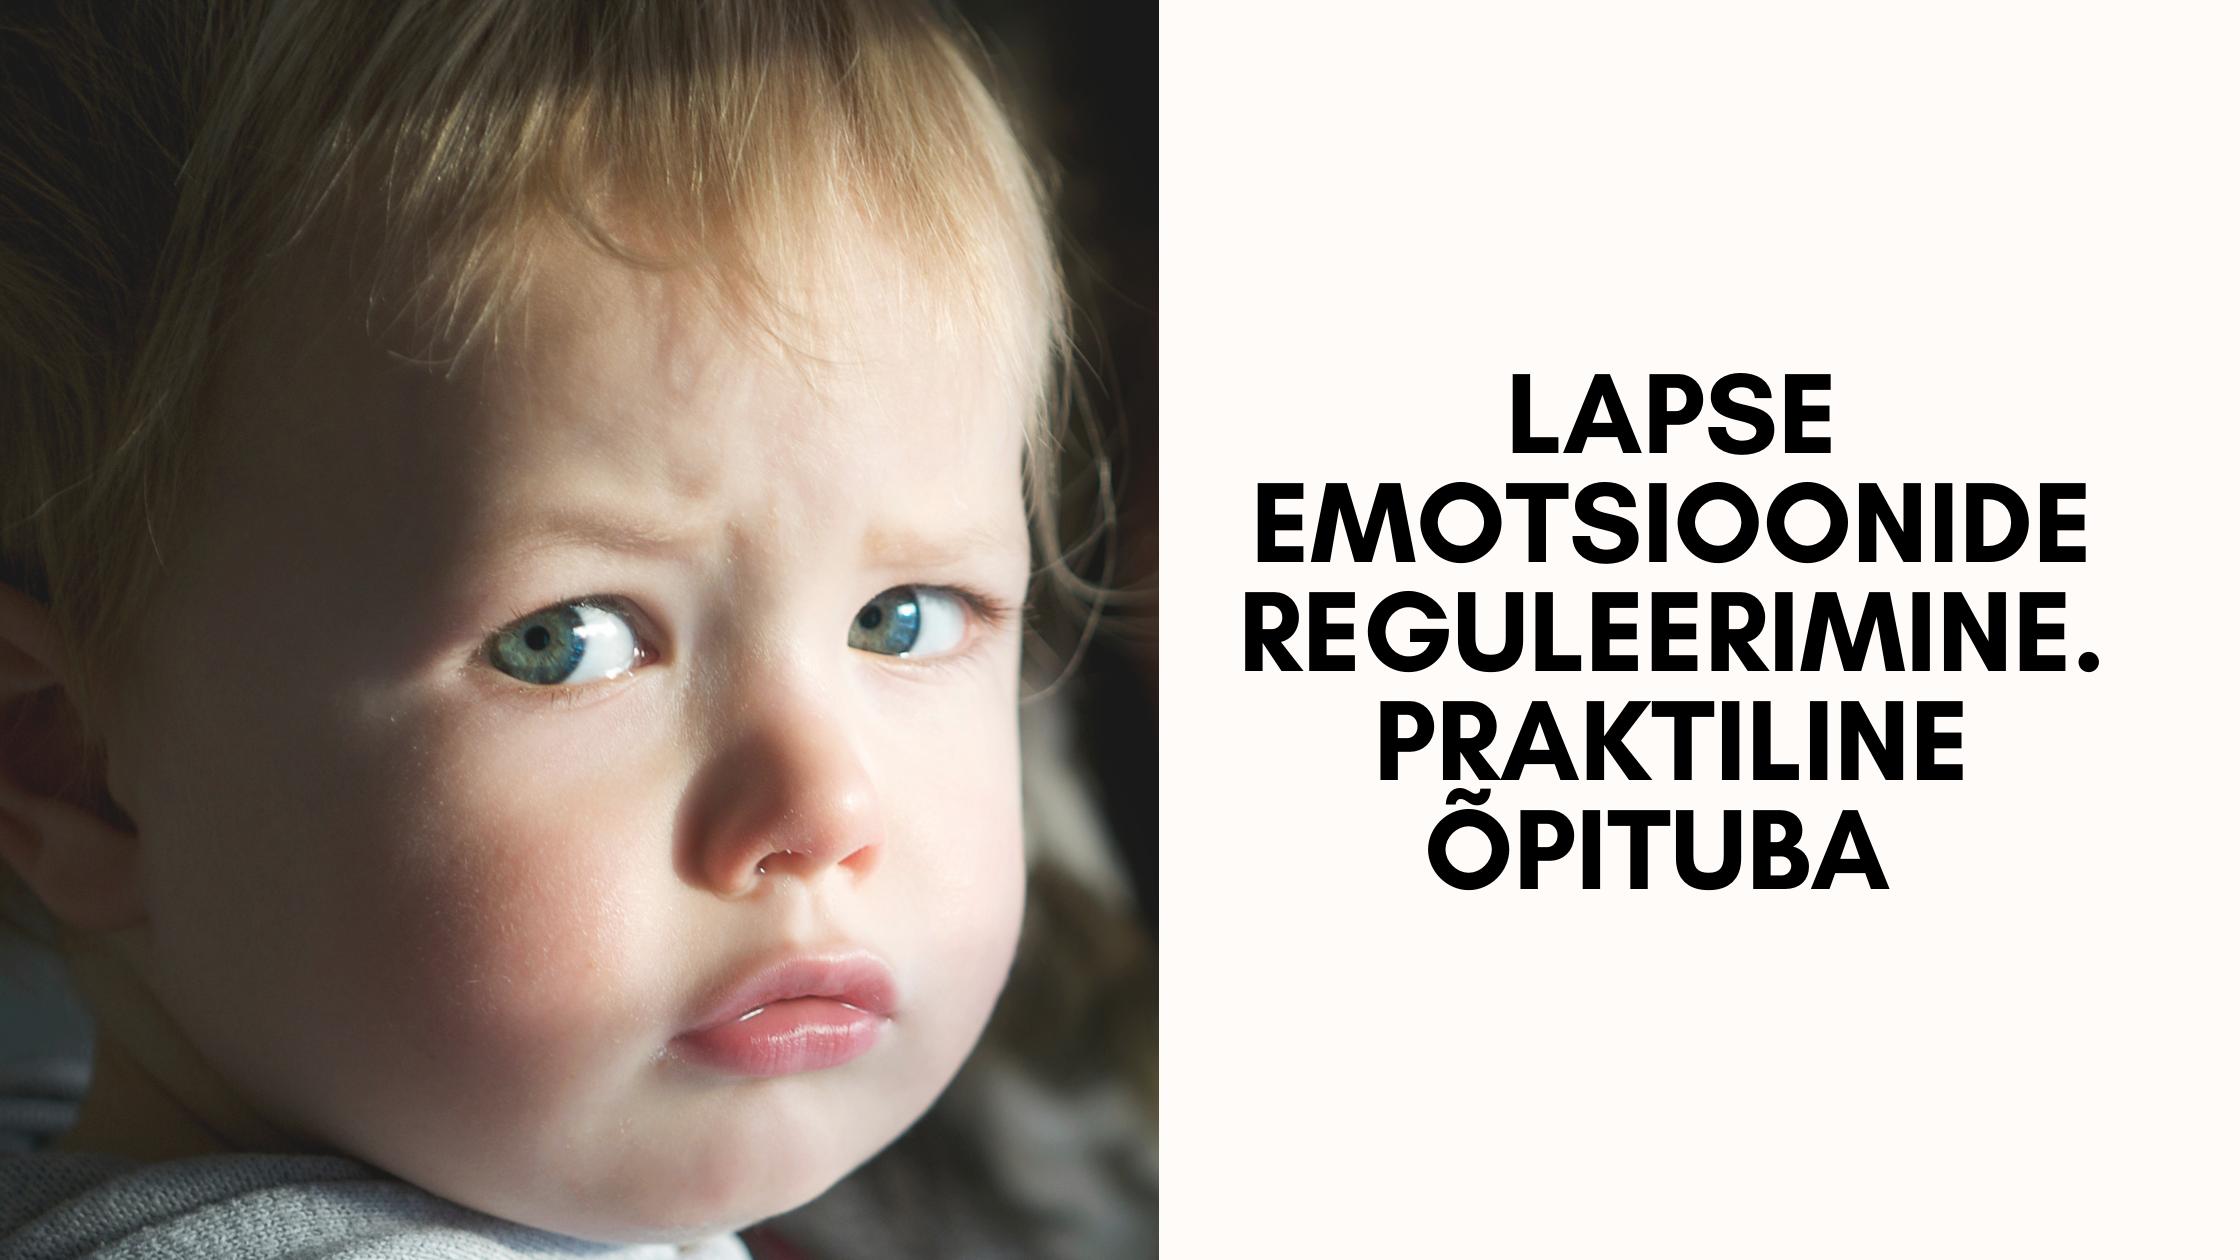 Lapse emotsioonide reguleerimine. Praktiline õpituba.